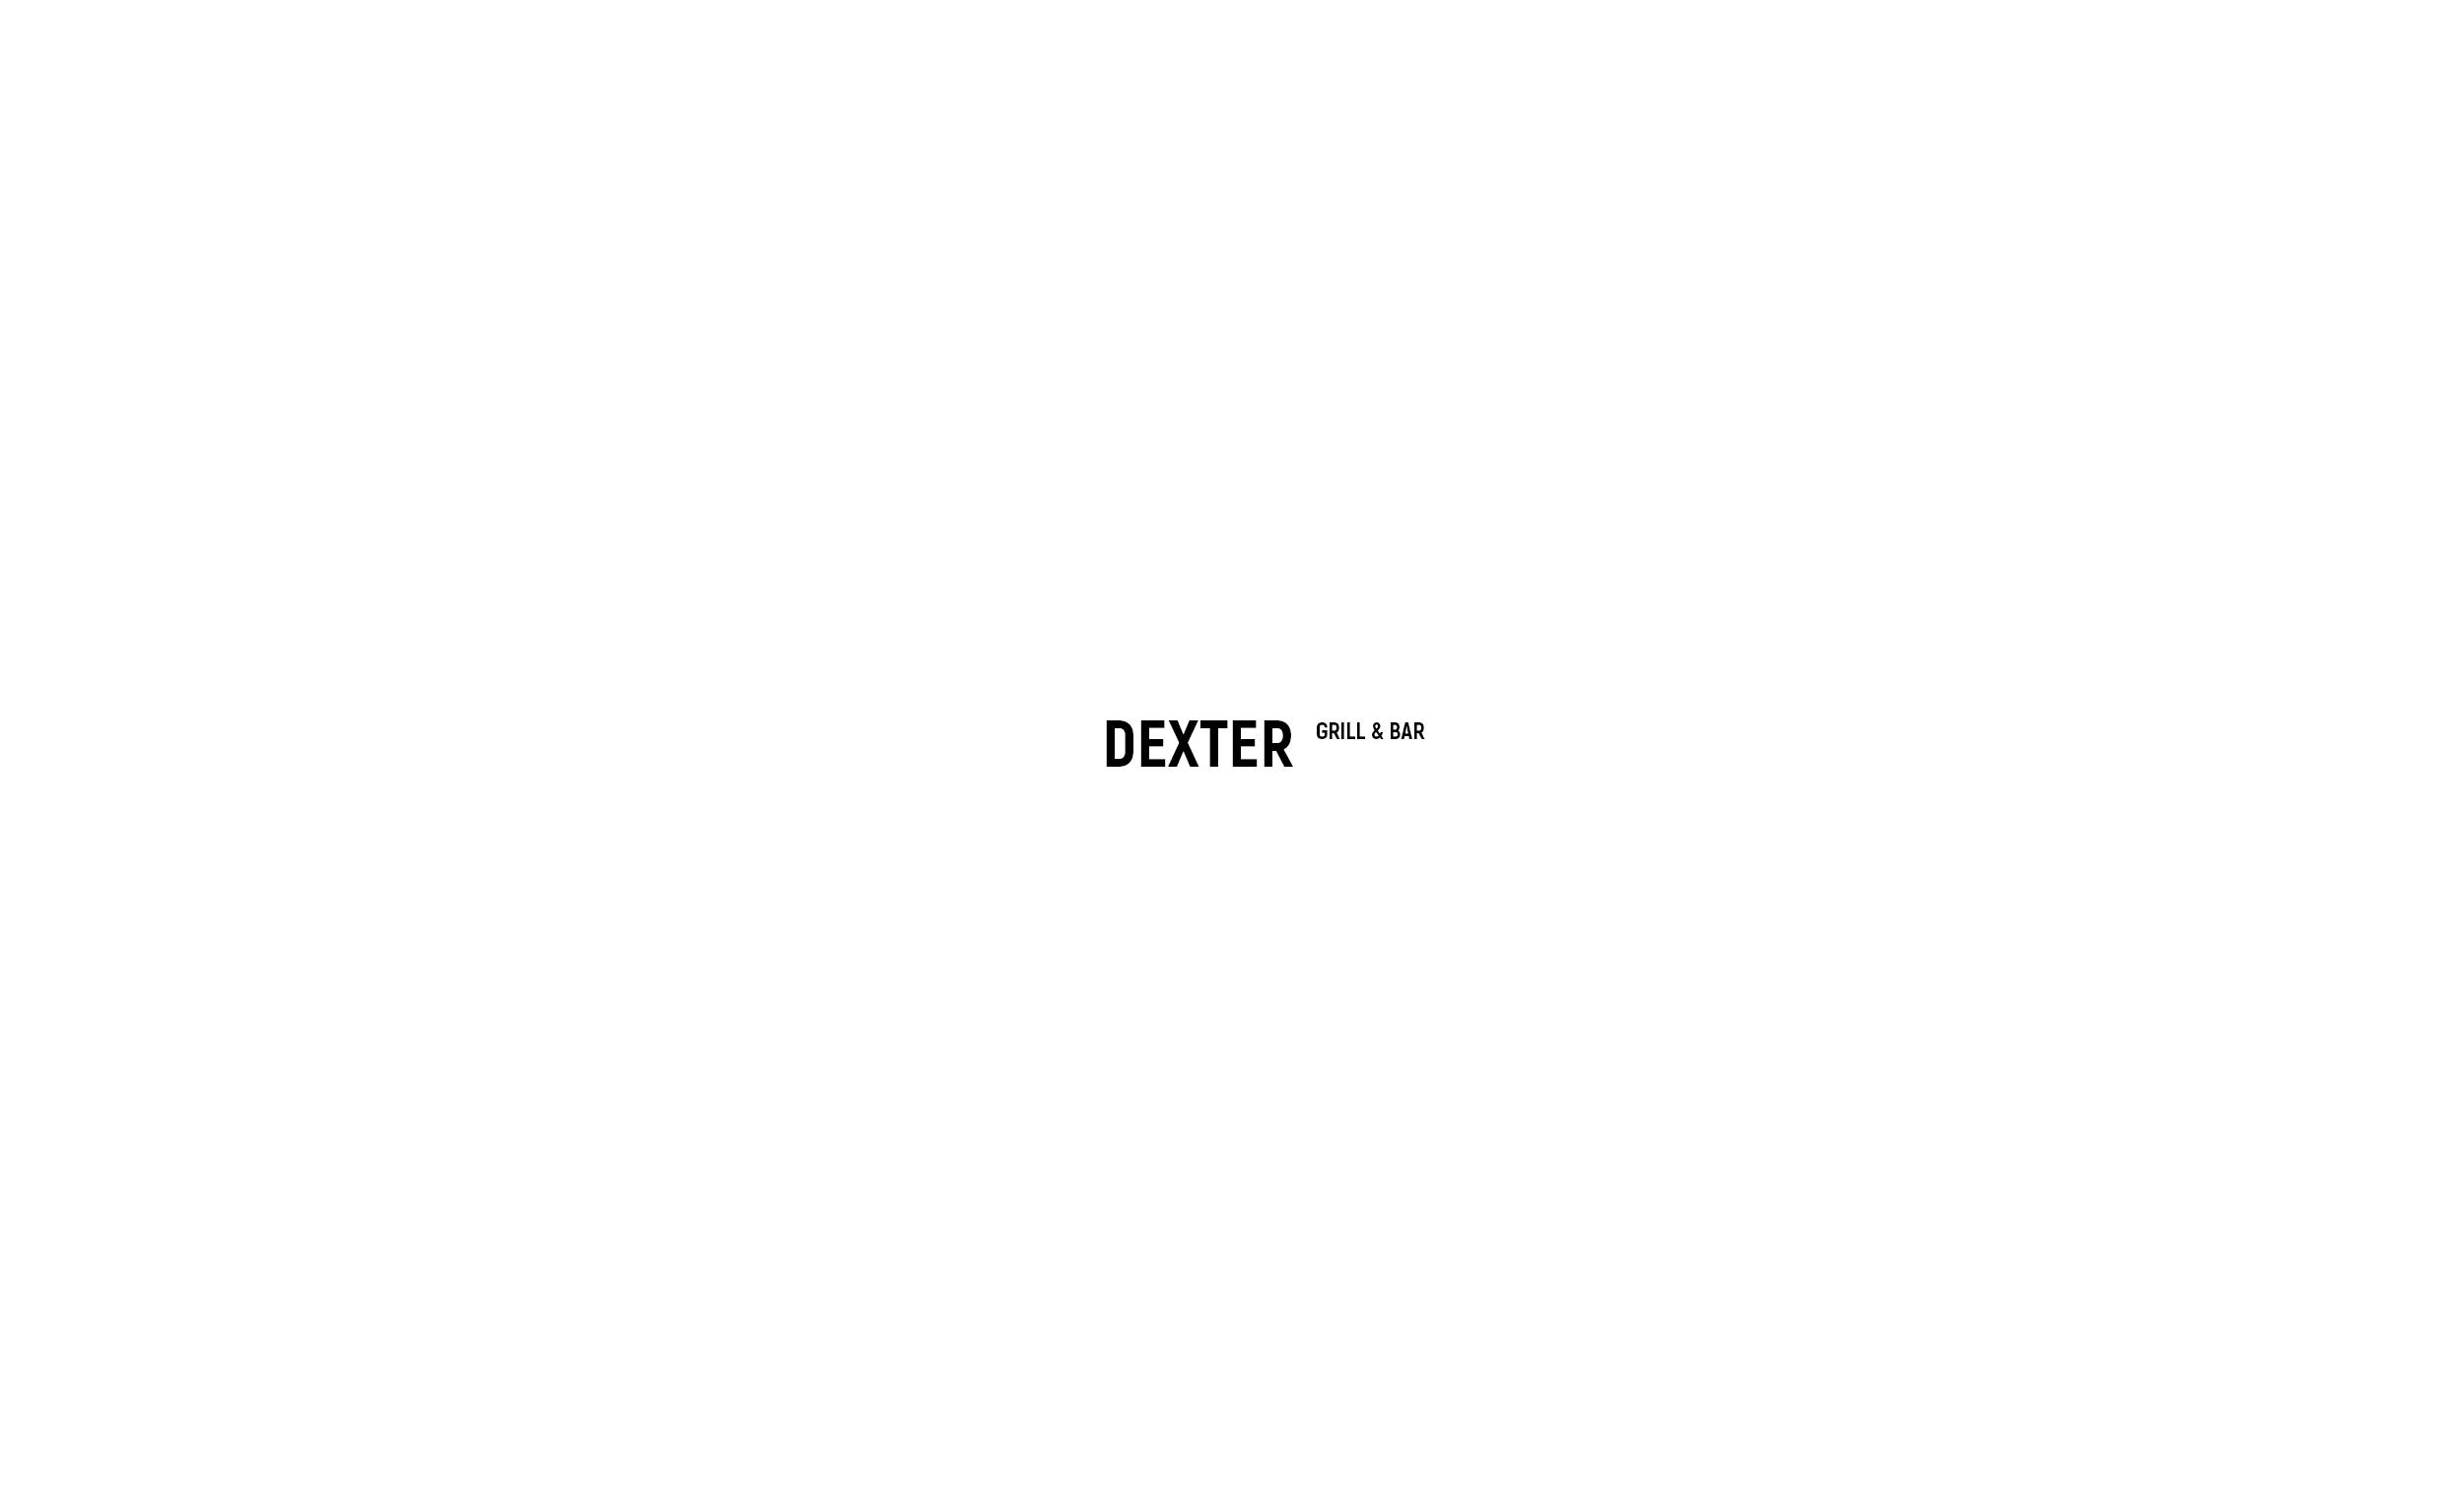 DEX DE